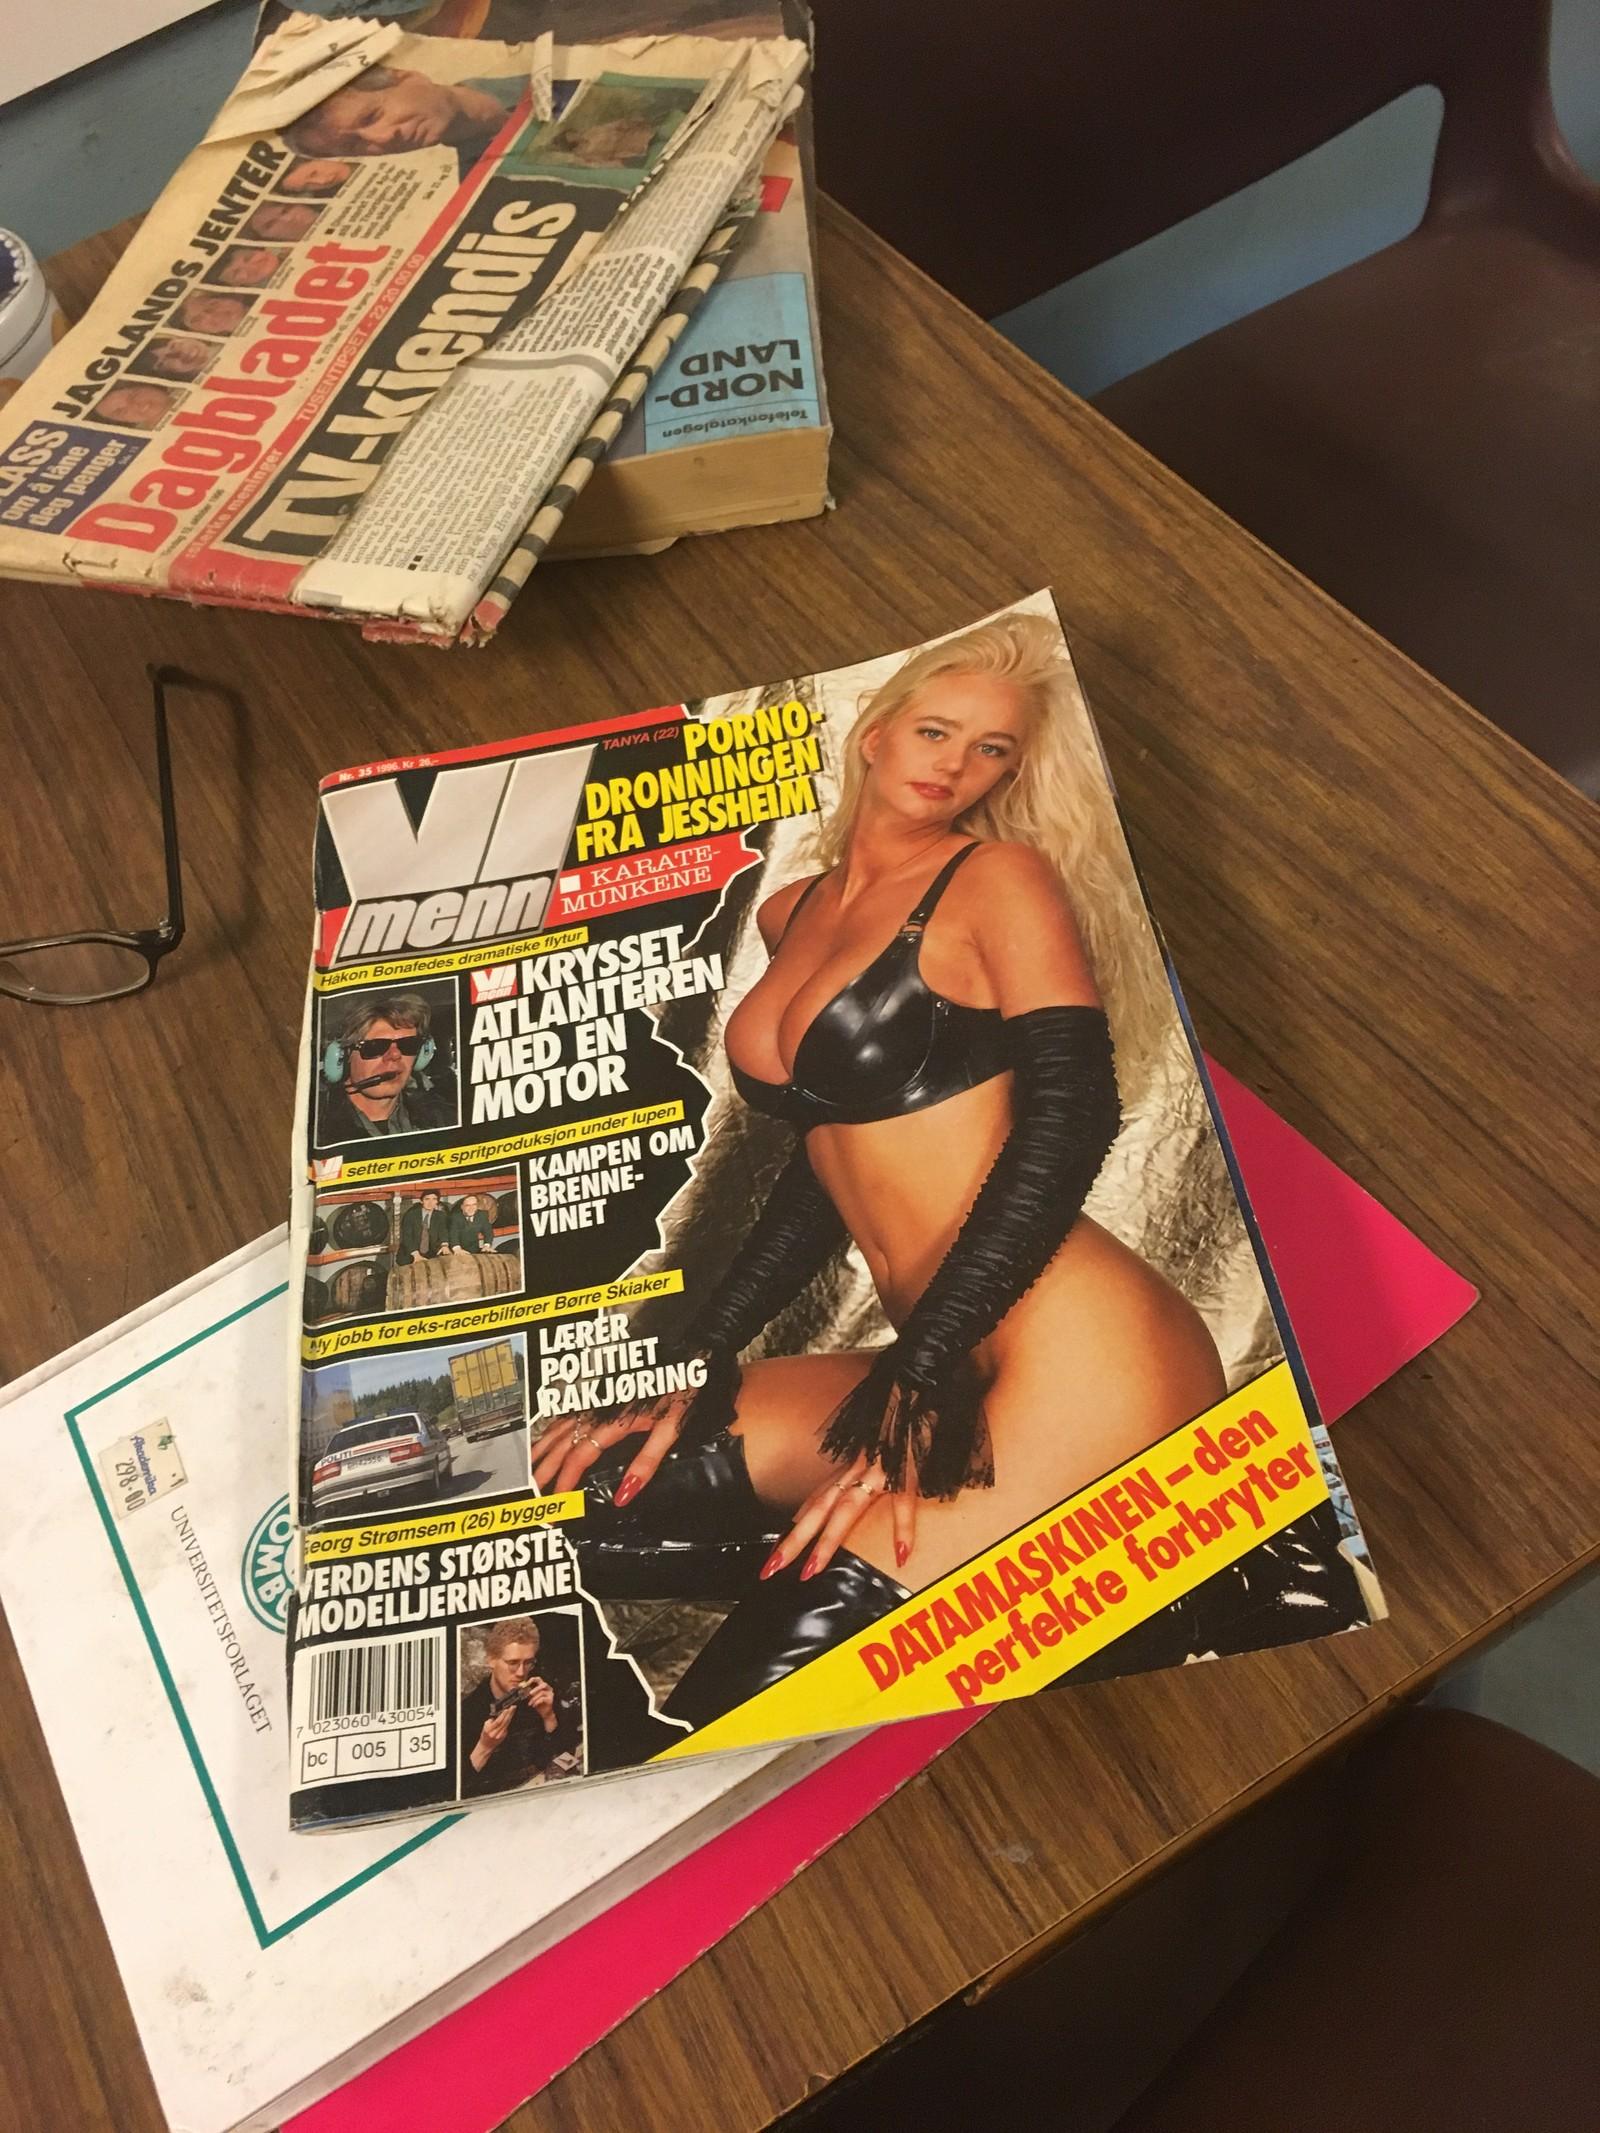 Gjenglemt blad i den nedlagte gruva. Tanja vet kanskje ikke selv at hun har vært på Svalbard?